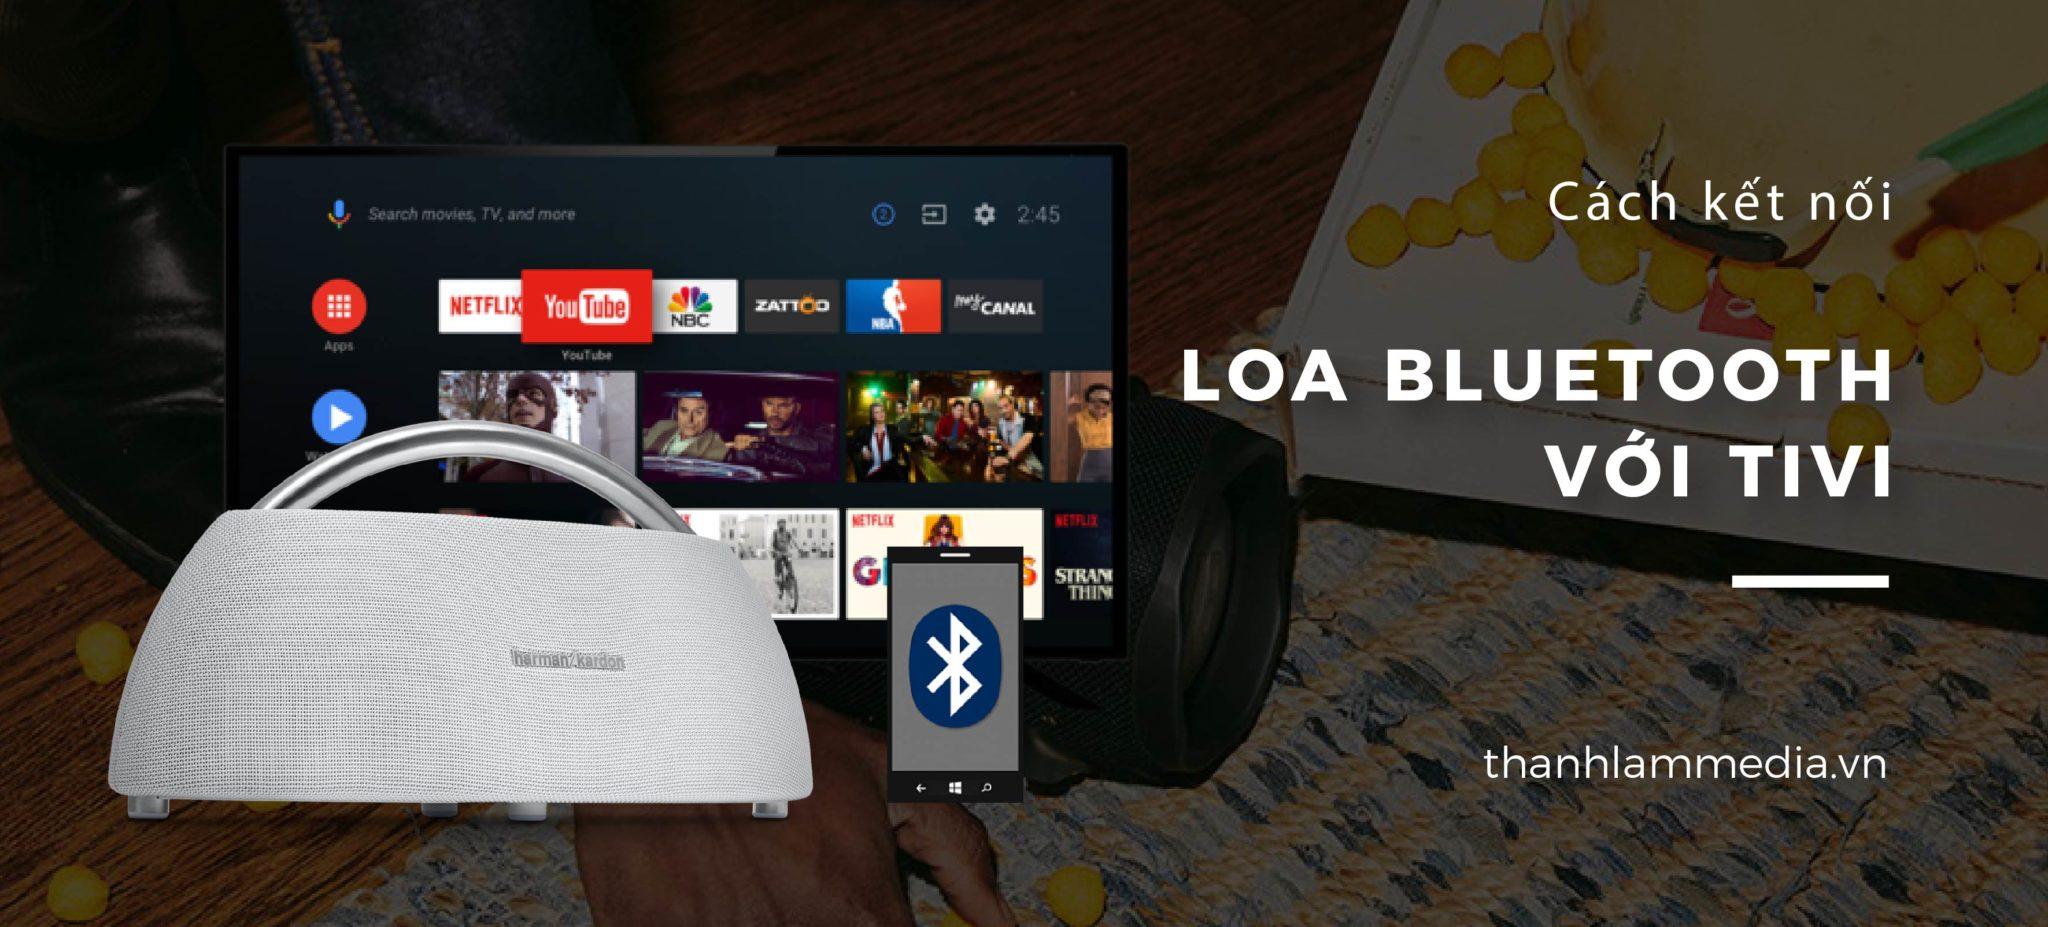 Hướng dẫn các bước để kết nối loa bluetooth với tivi 1